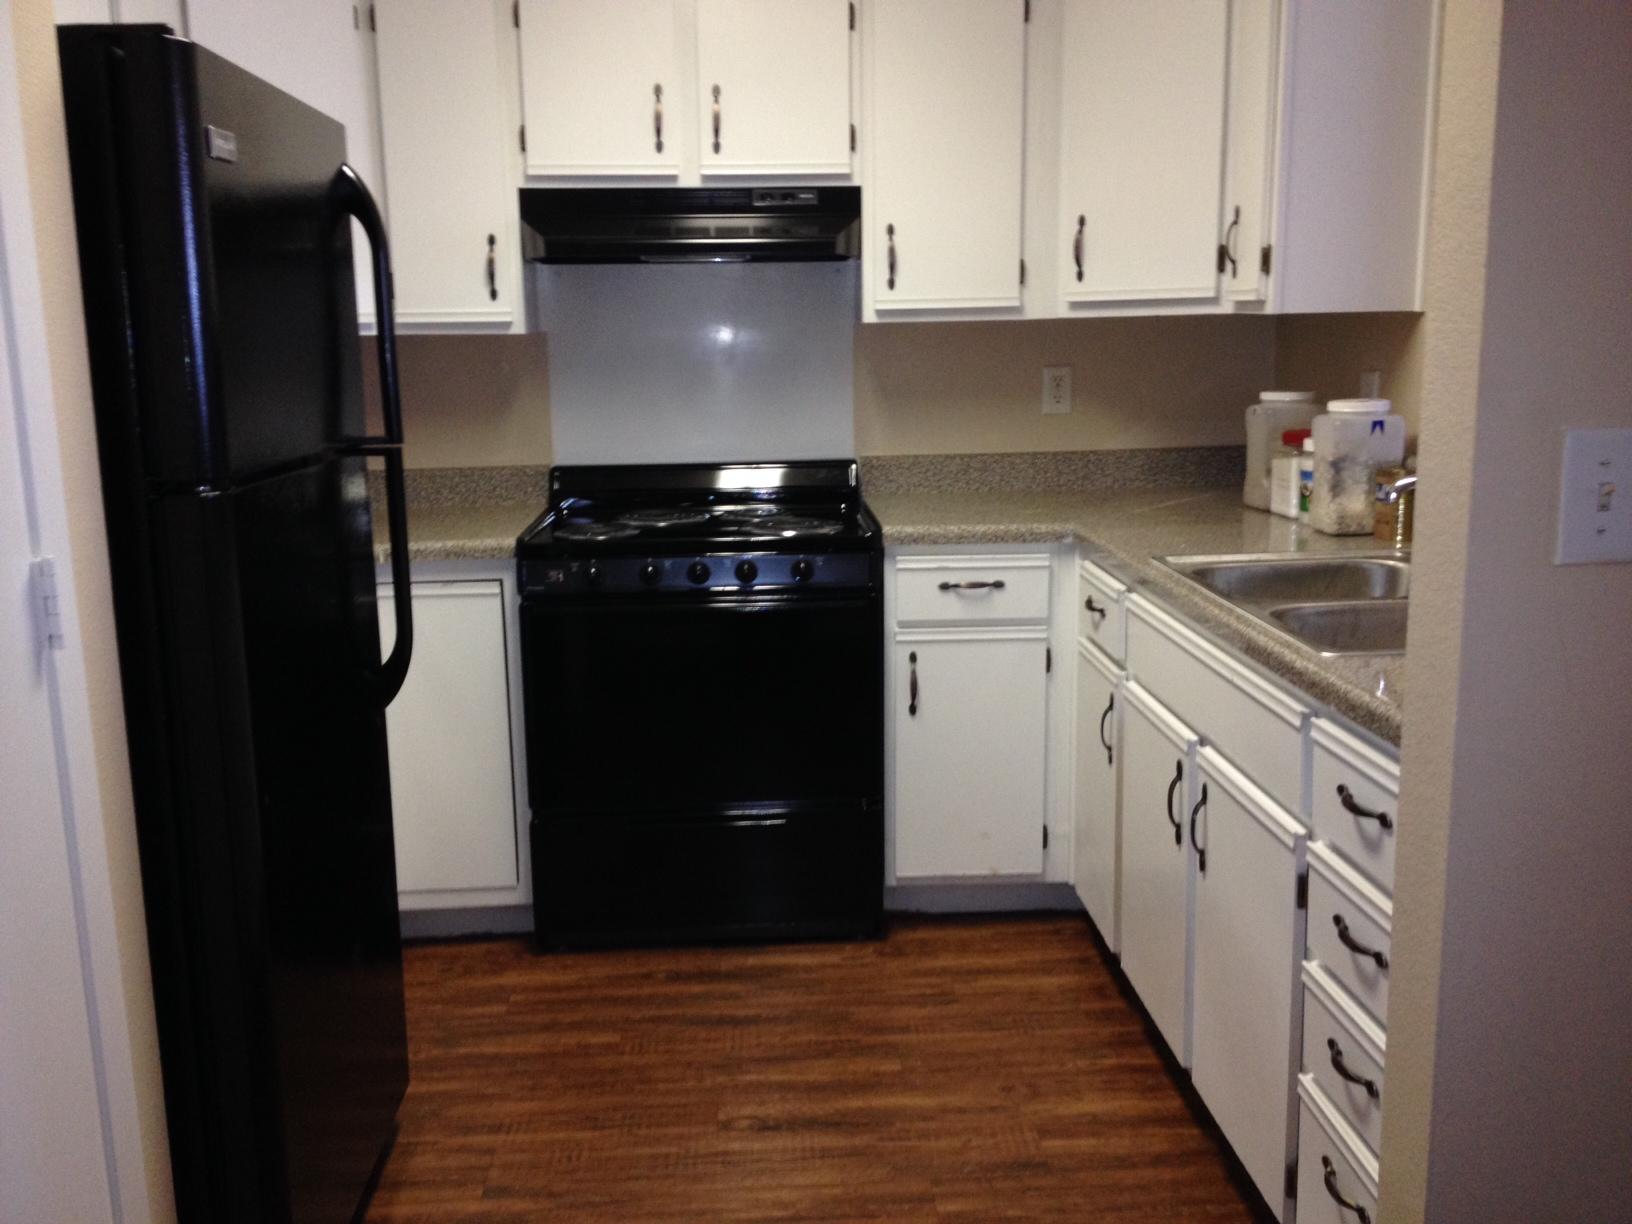 West oaks residence kitchen